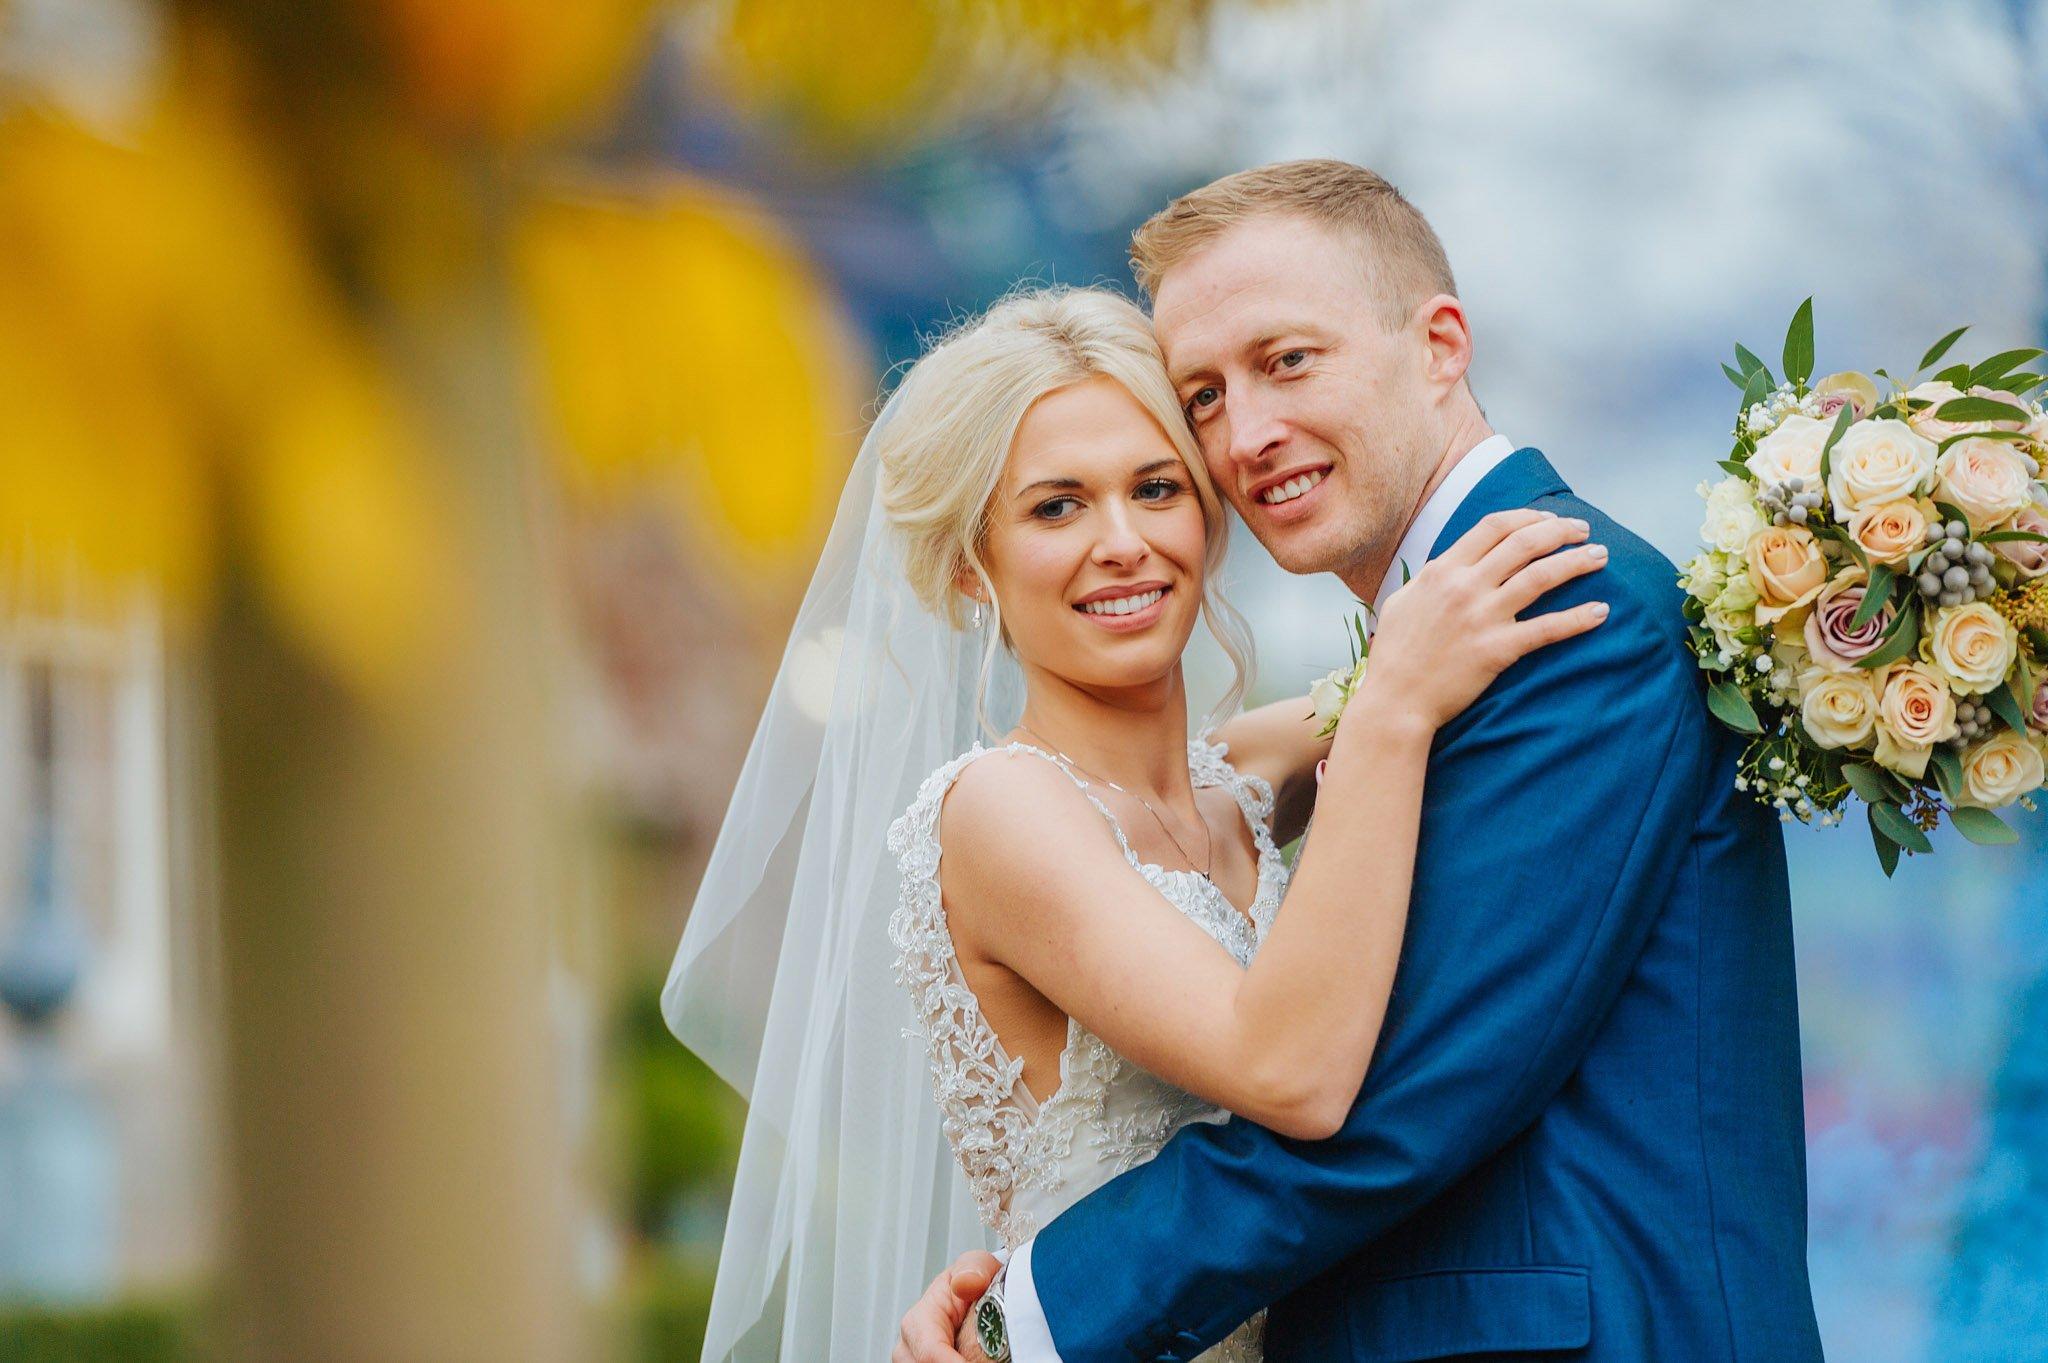 Lemore Manor wedding, Herefordshire - West Midlands | Sadie + Ken 92